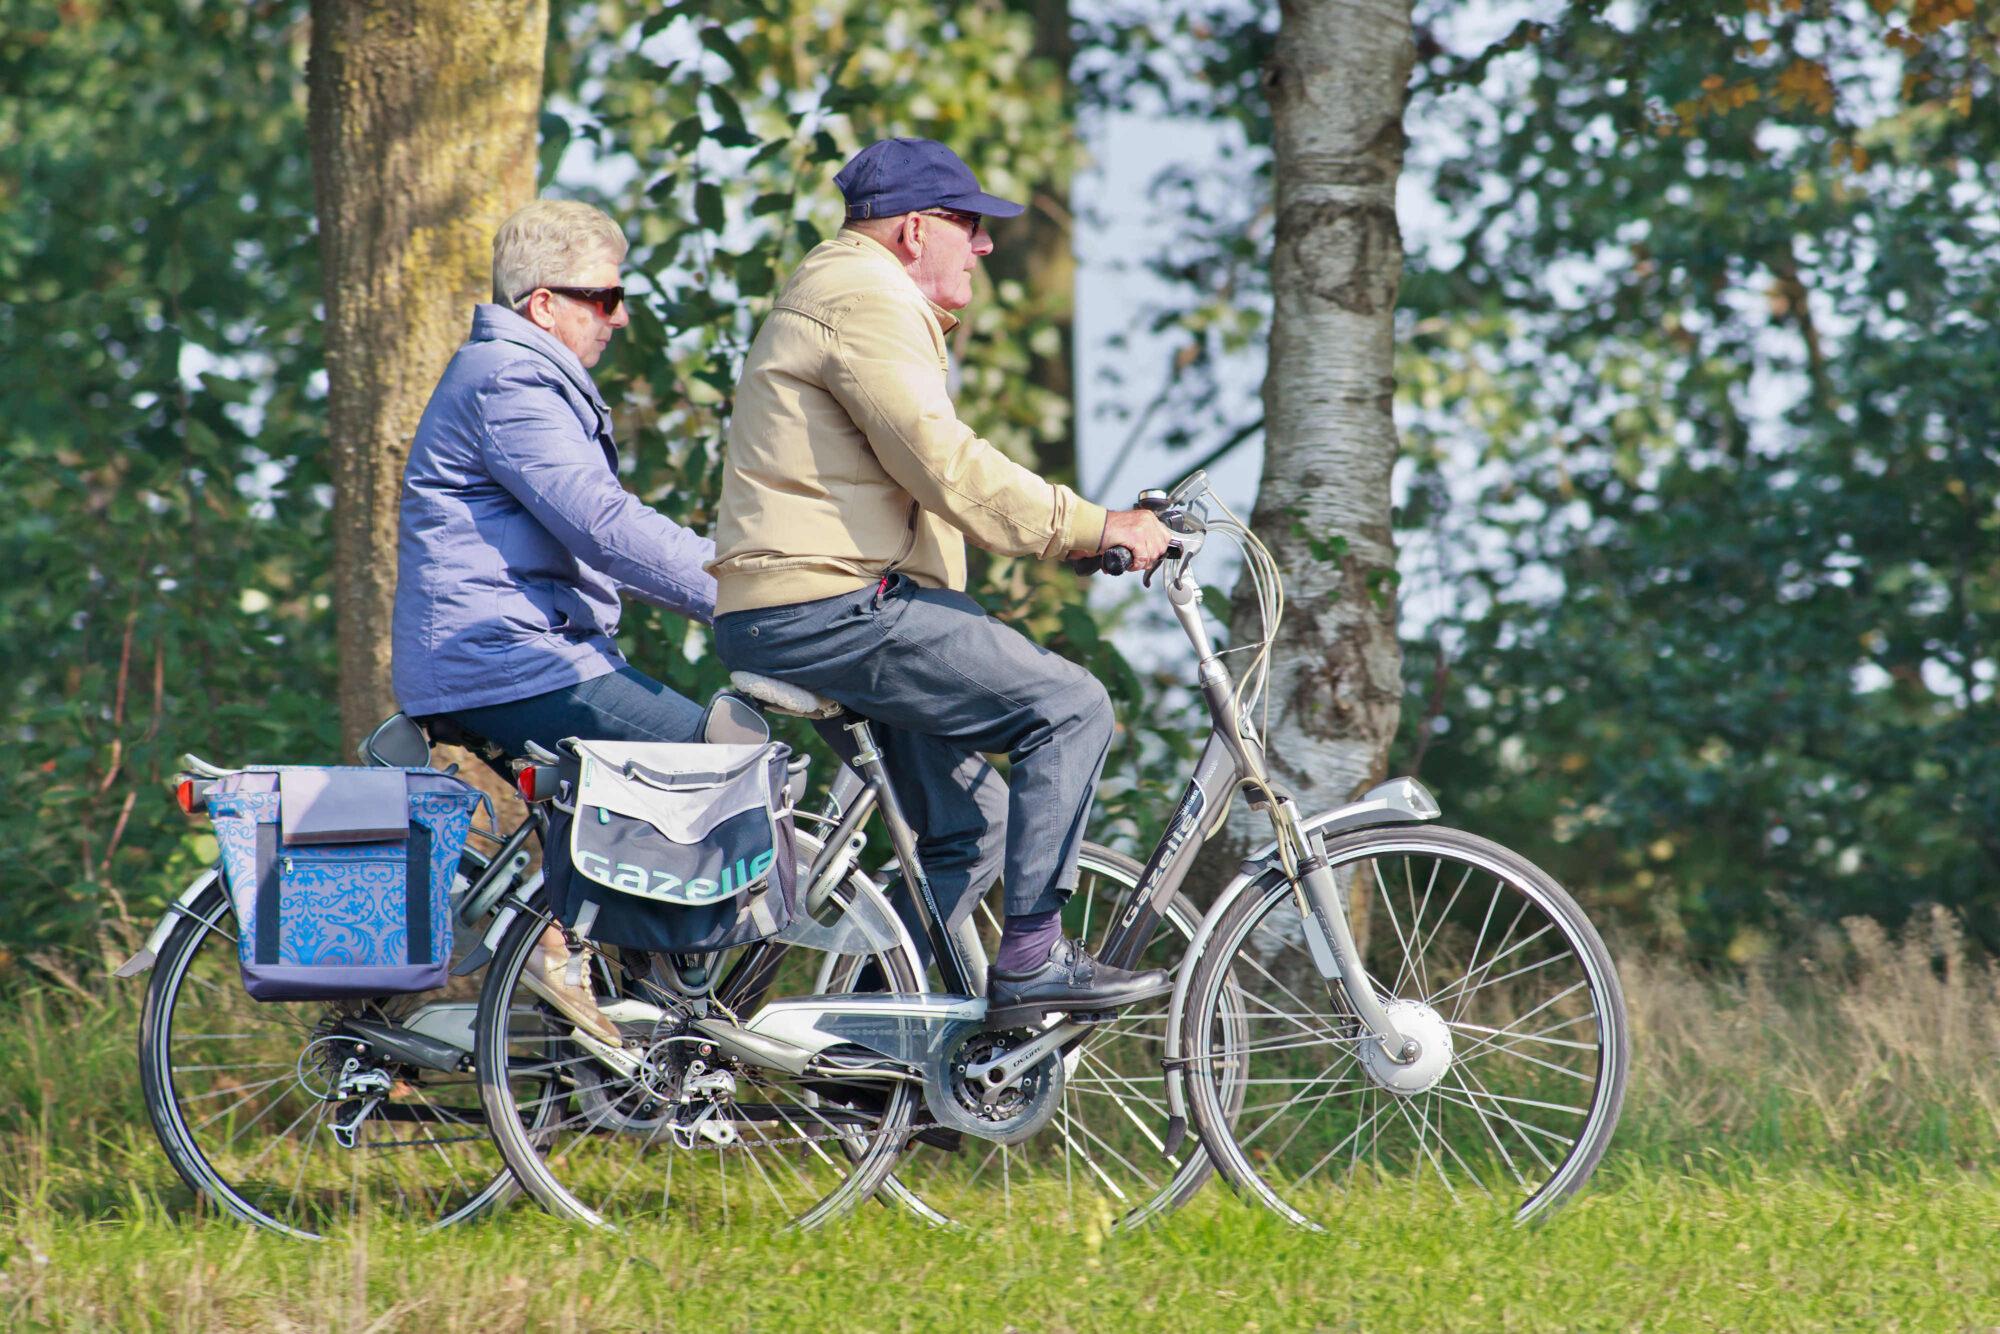 Provincie Overijssel 'saboteert' fietsroutes